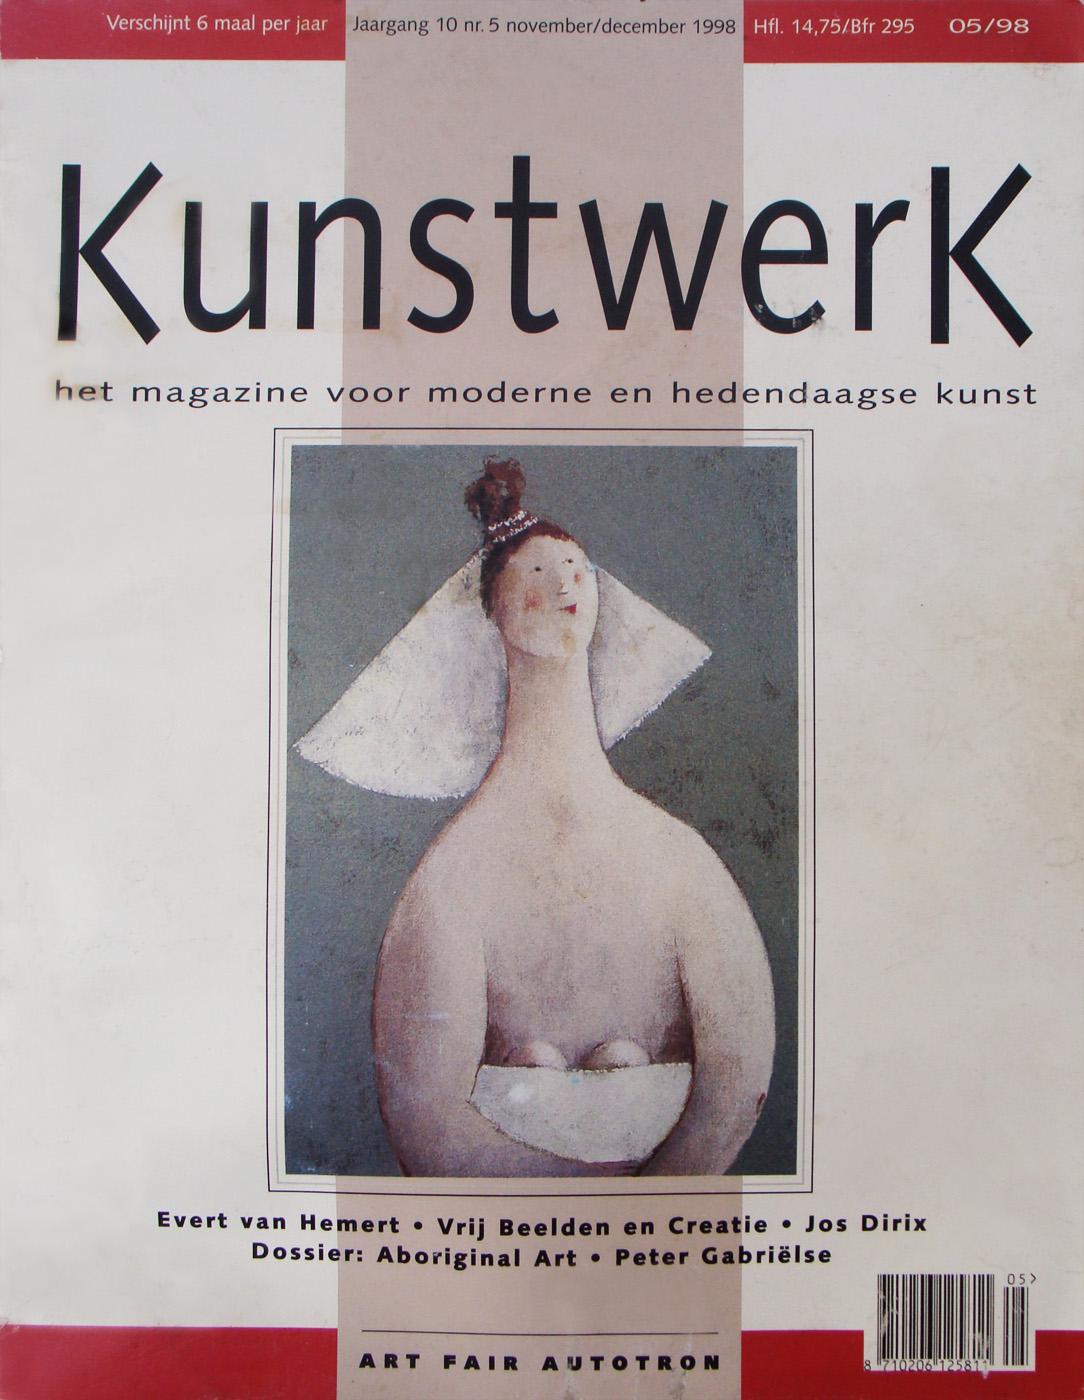 Kunstweek 10